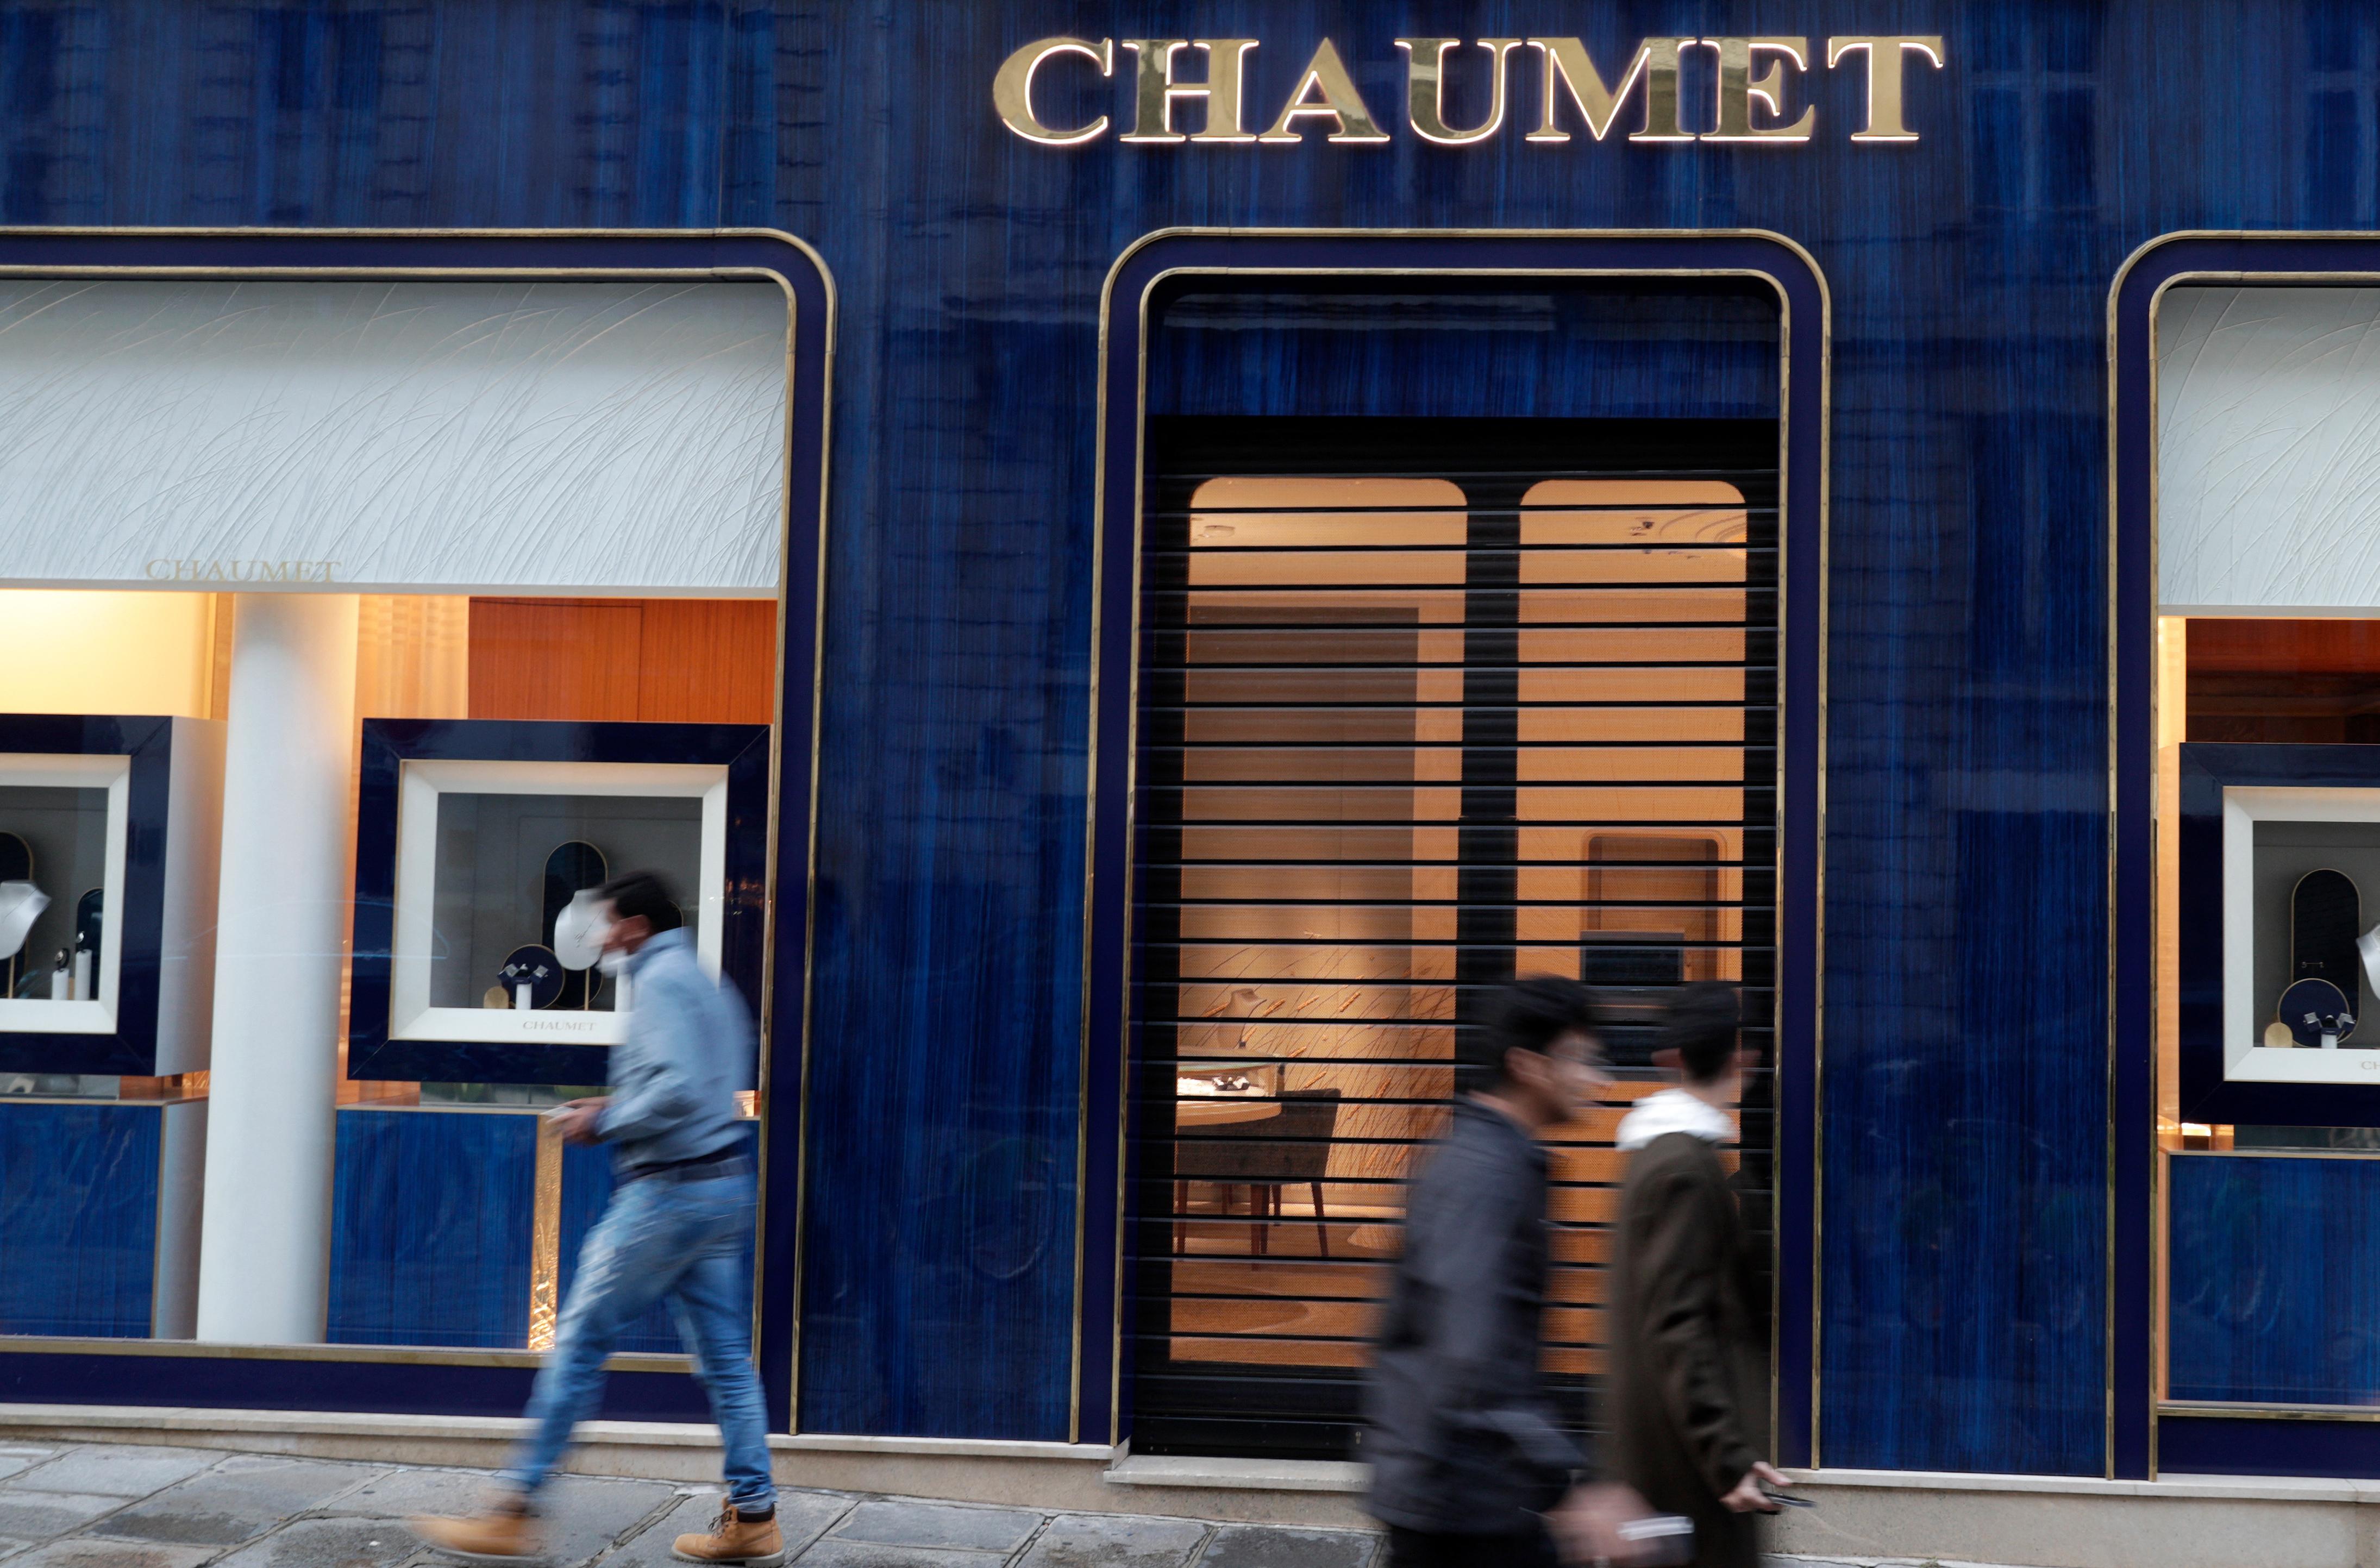 Párizs egyik legrégebbi ékszerboltját kipakolta egy rolleres rabló